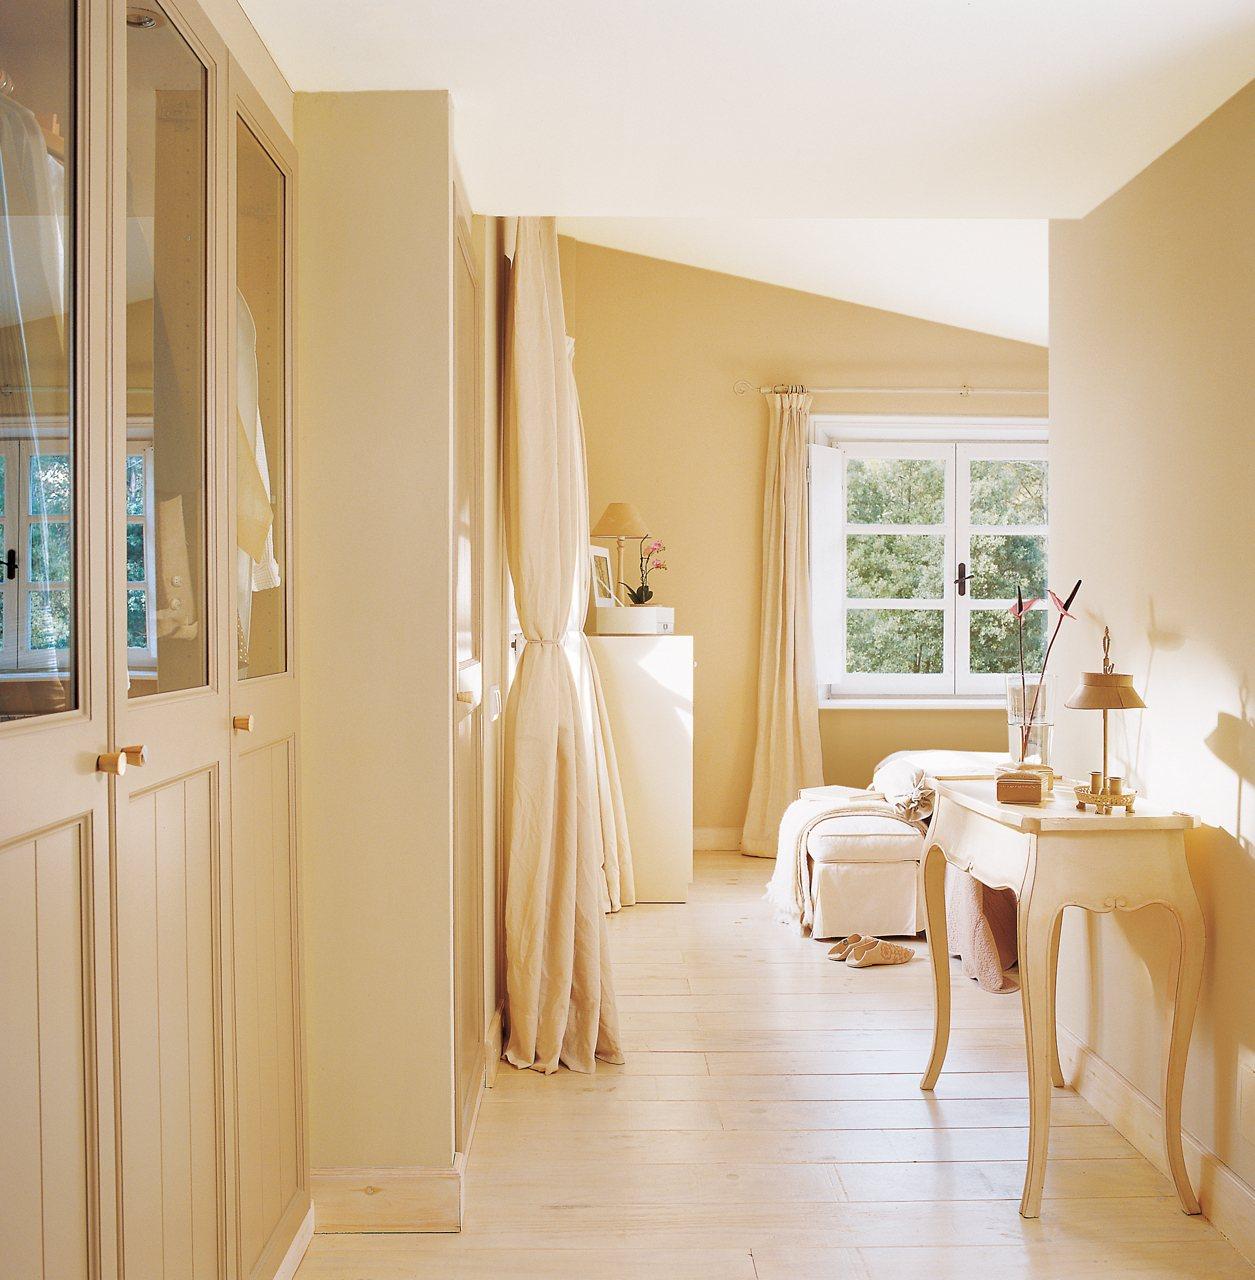 Los 10 vestidores muy pr cticos los favoritos de el mueble for Muebles practicos para casas pequenas